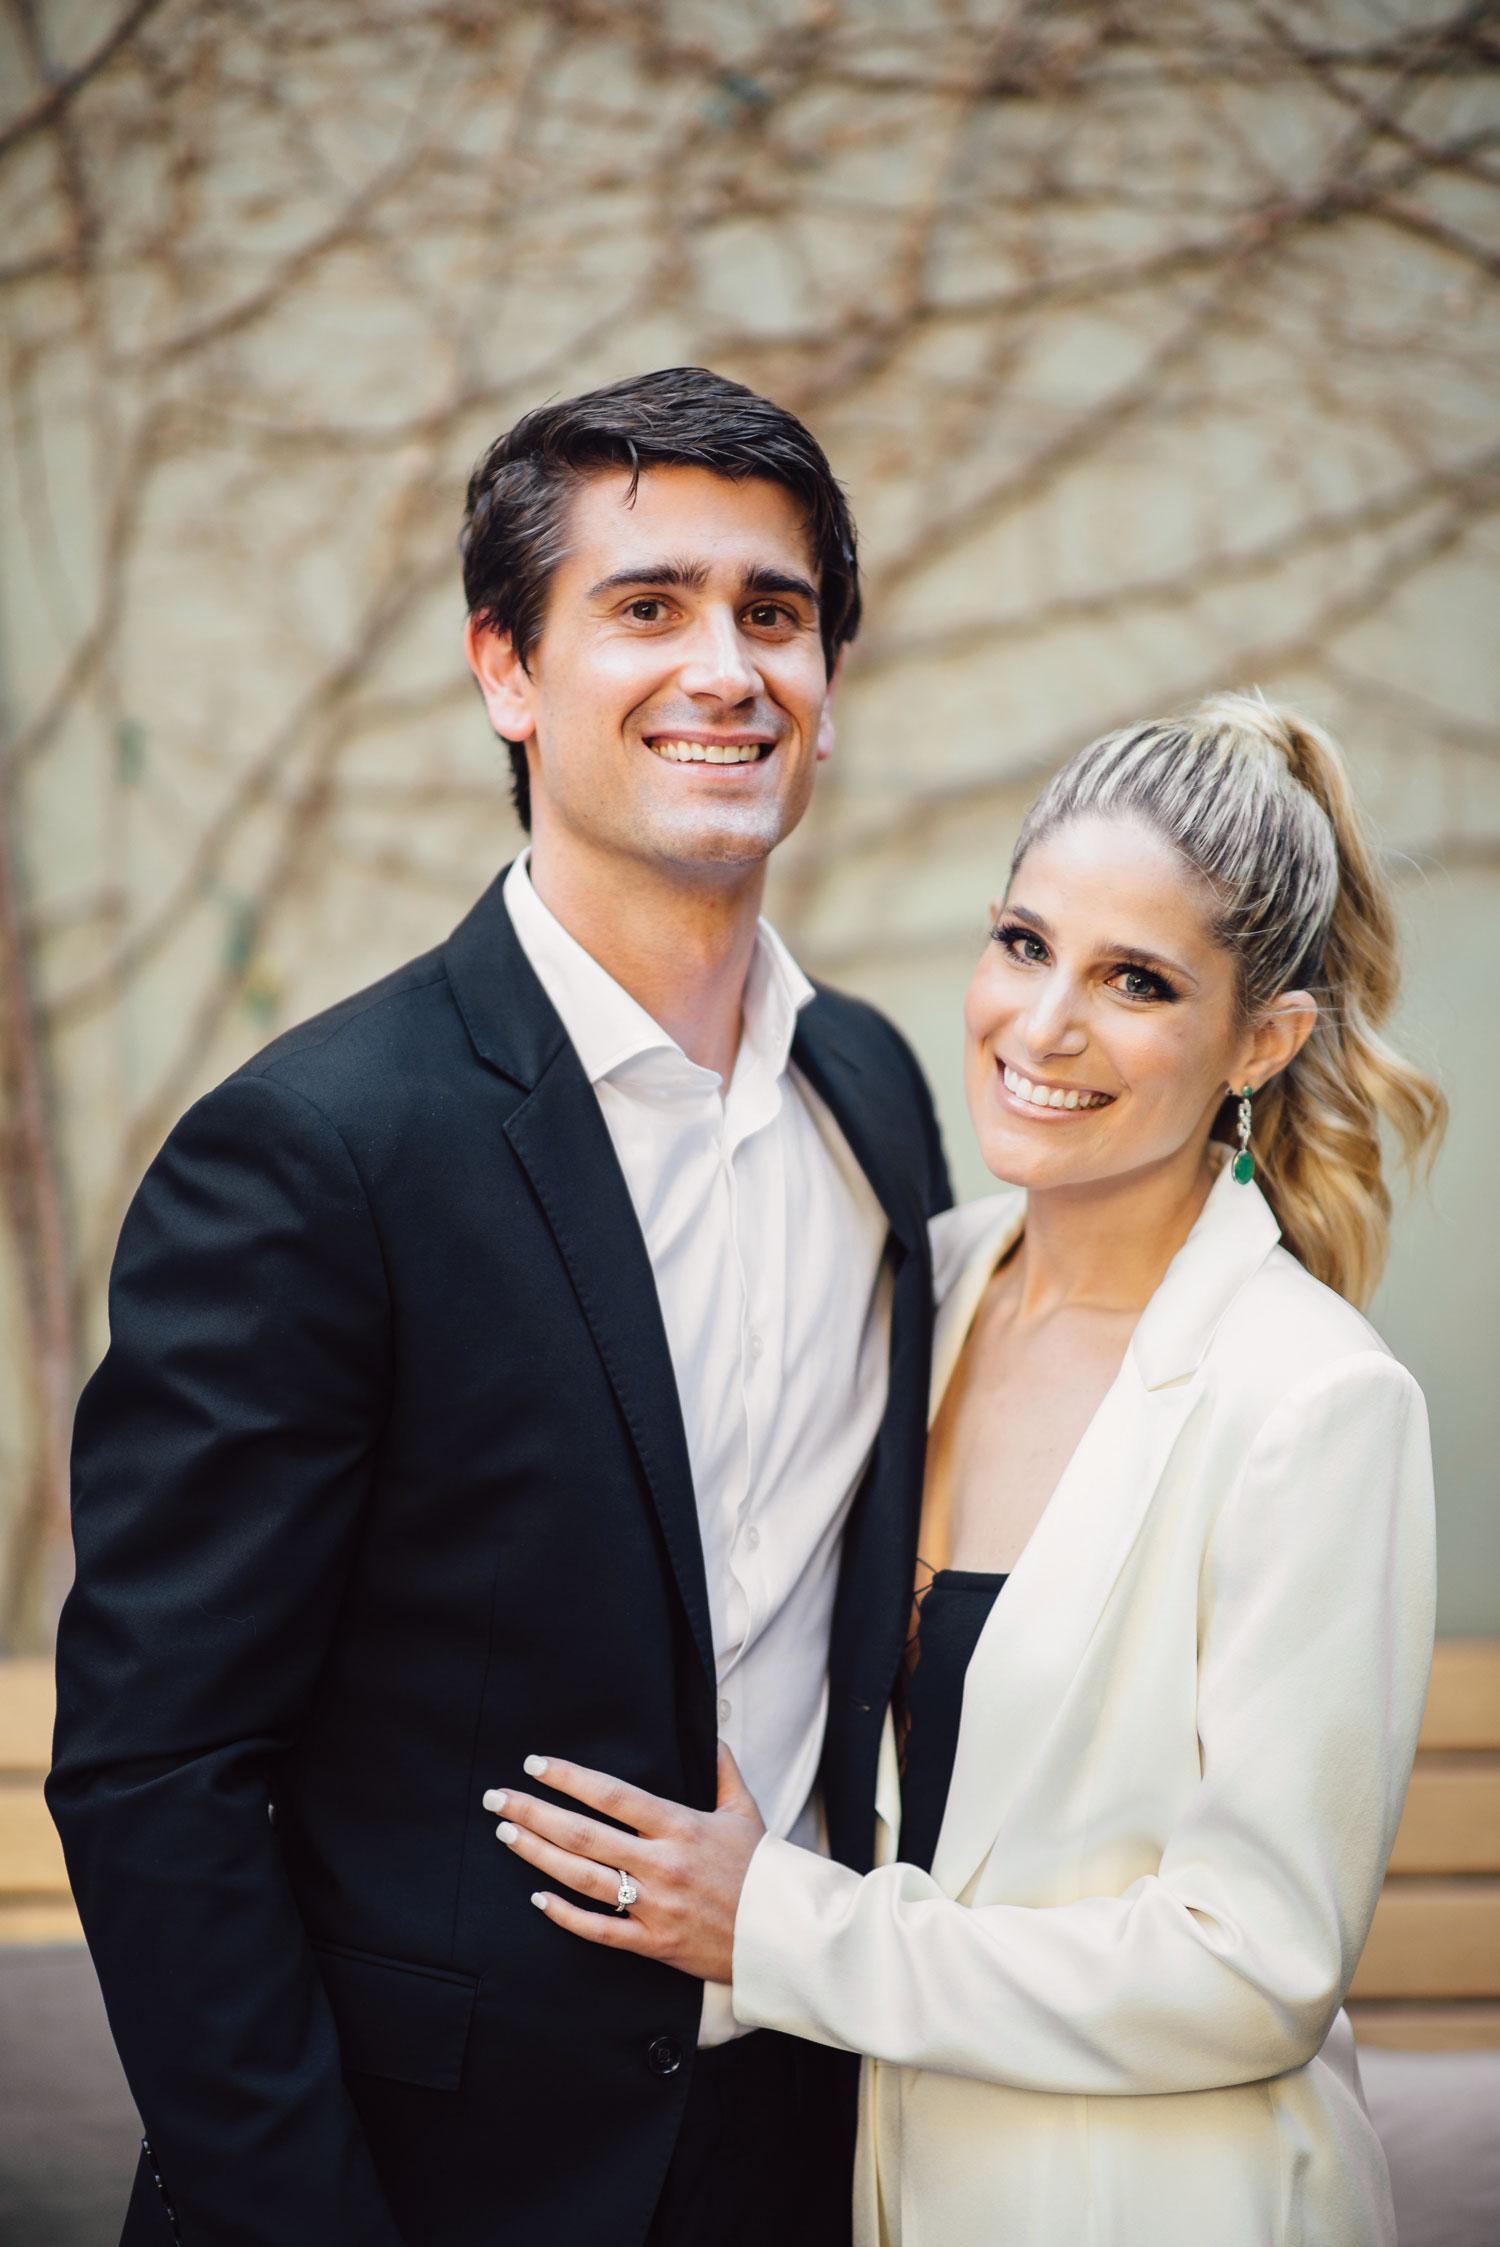 engagement photo ashley hardy and j hardy ehlers wedding registry tips